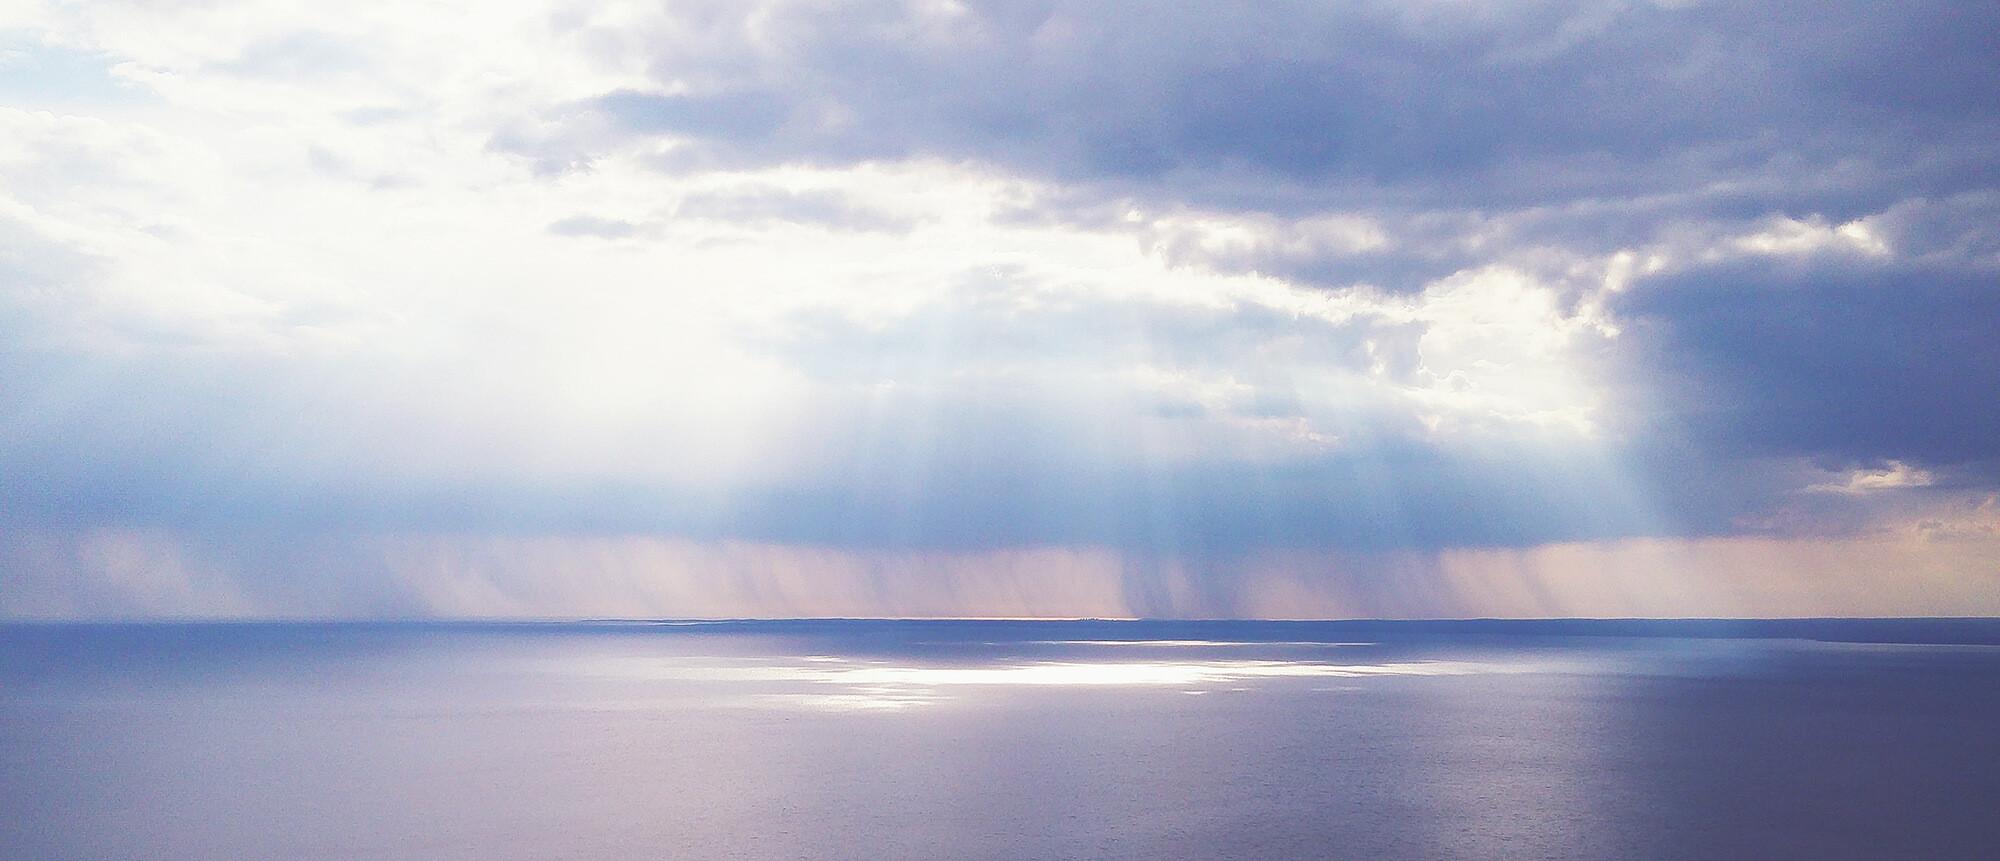 zeeparken-blog-rustig